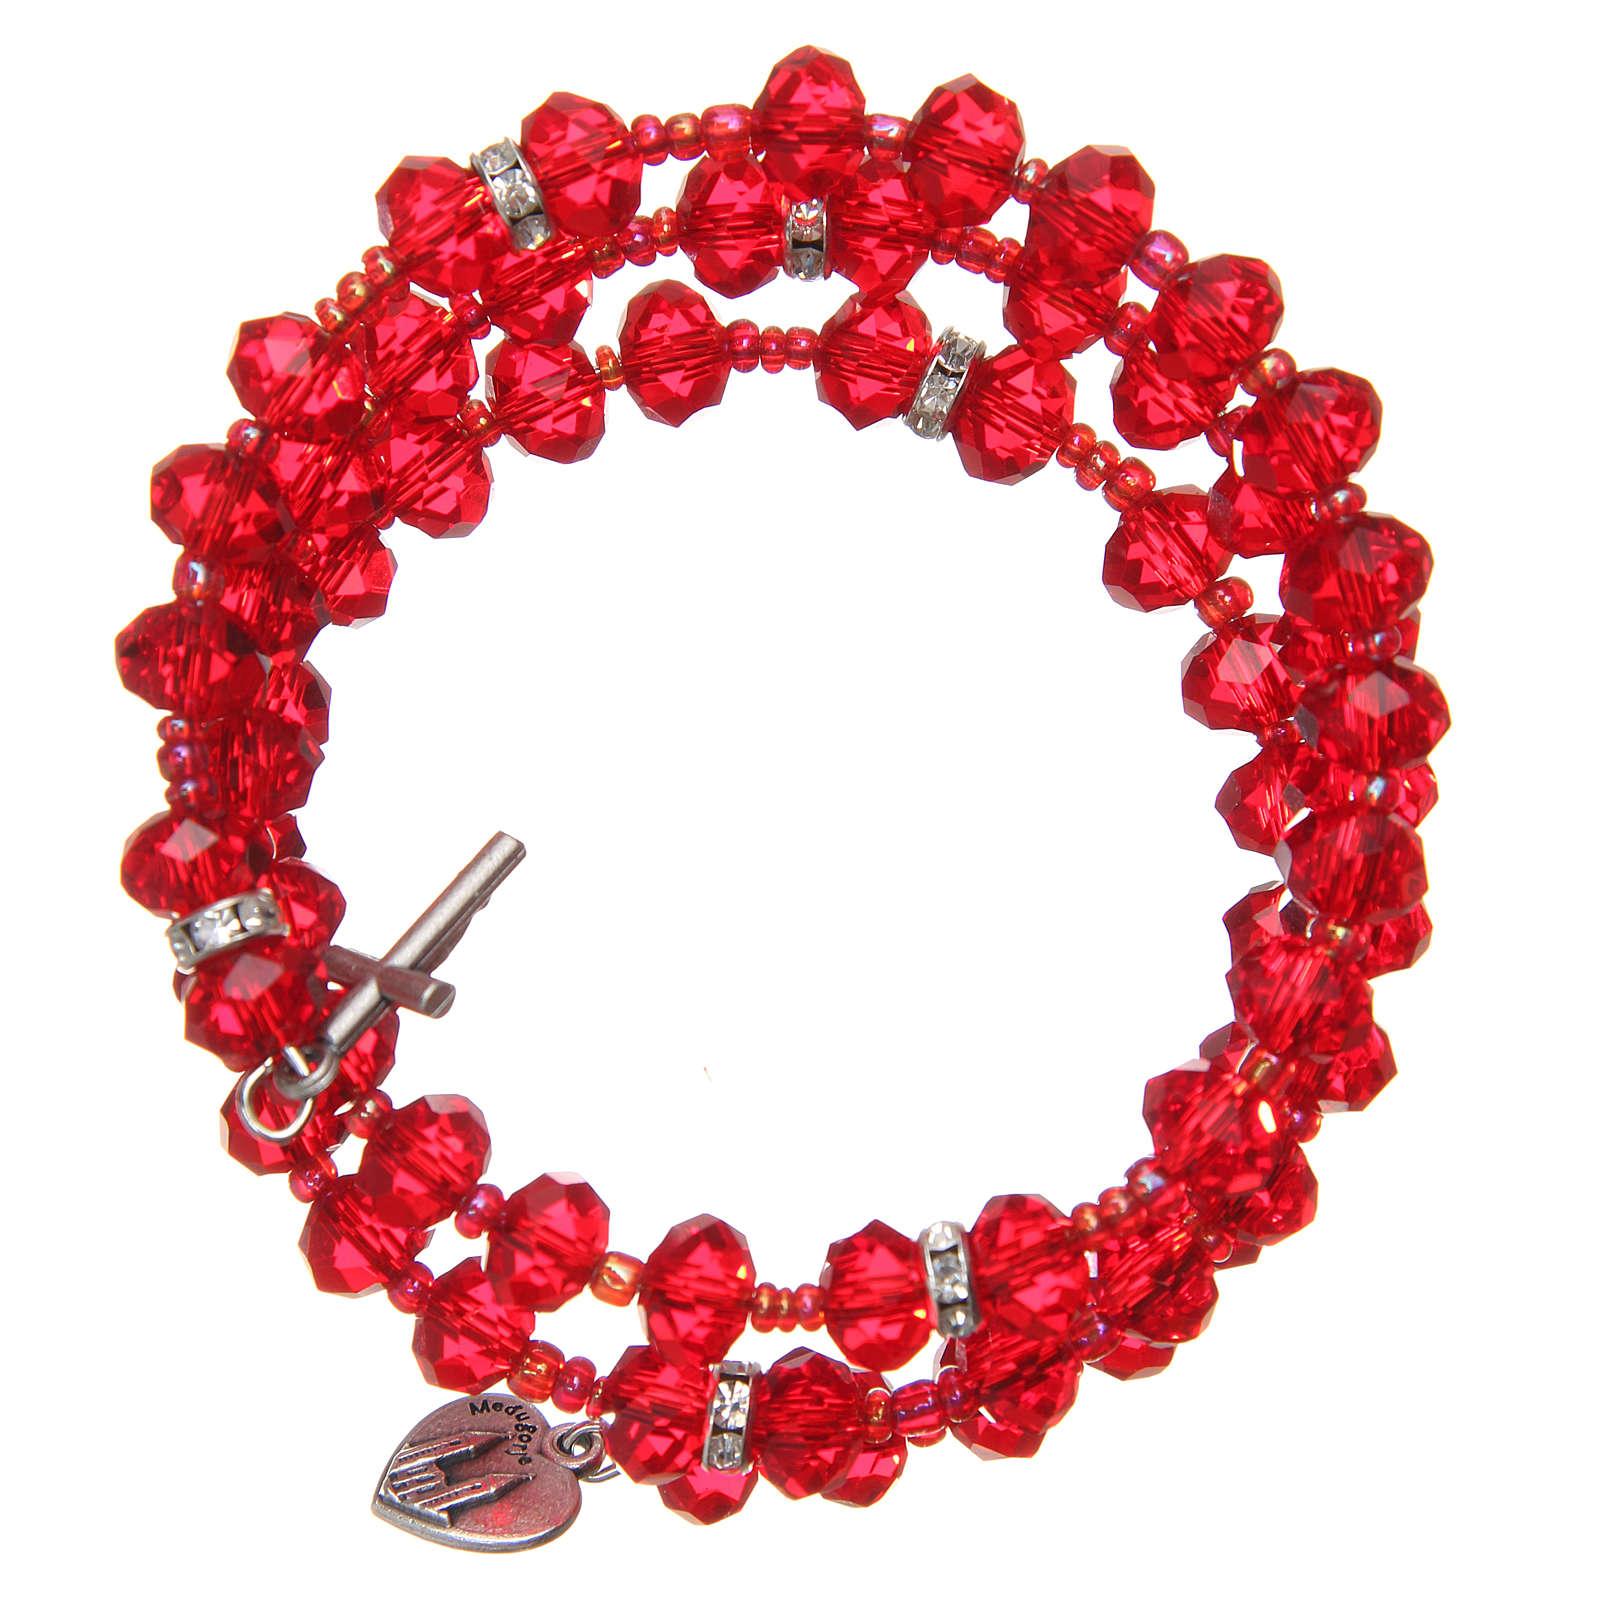 Pulsera muelle perlas rojas cruz Virgen Medjugorje 4